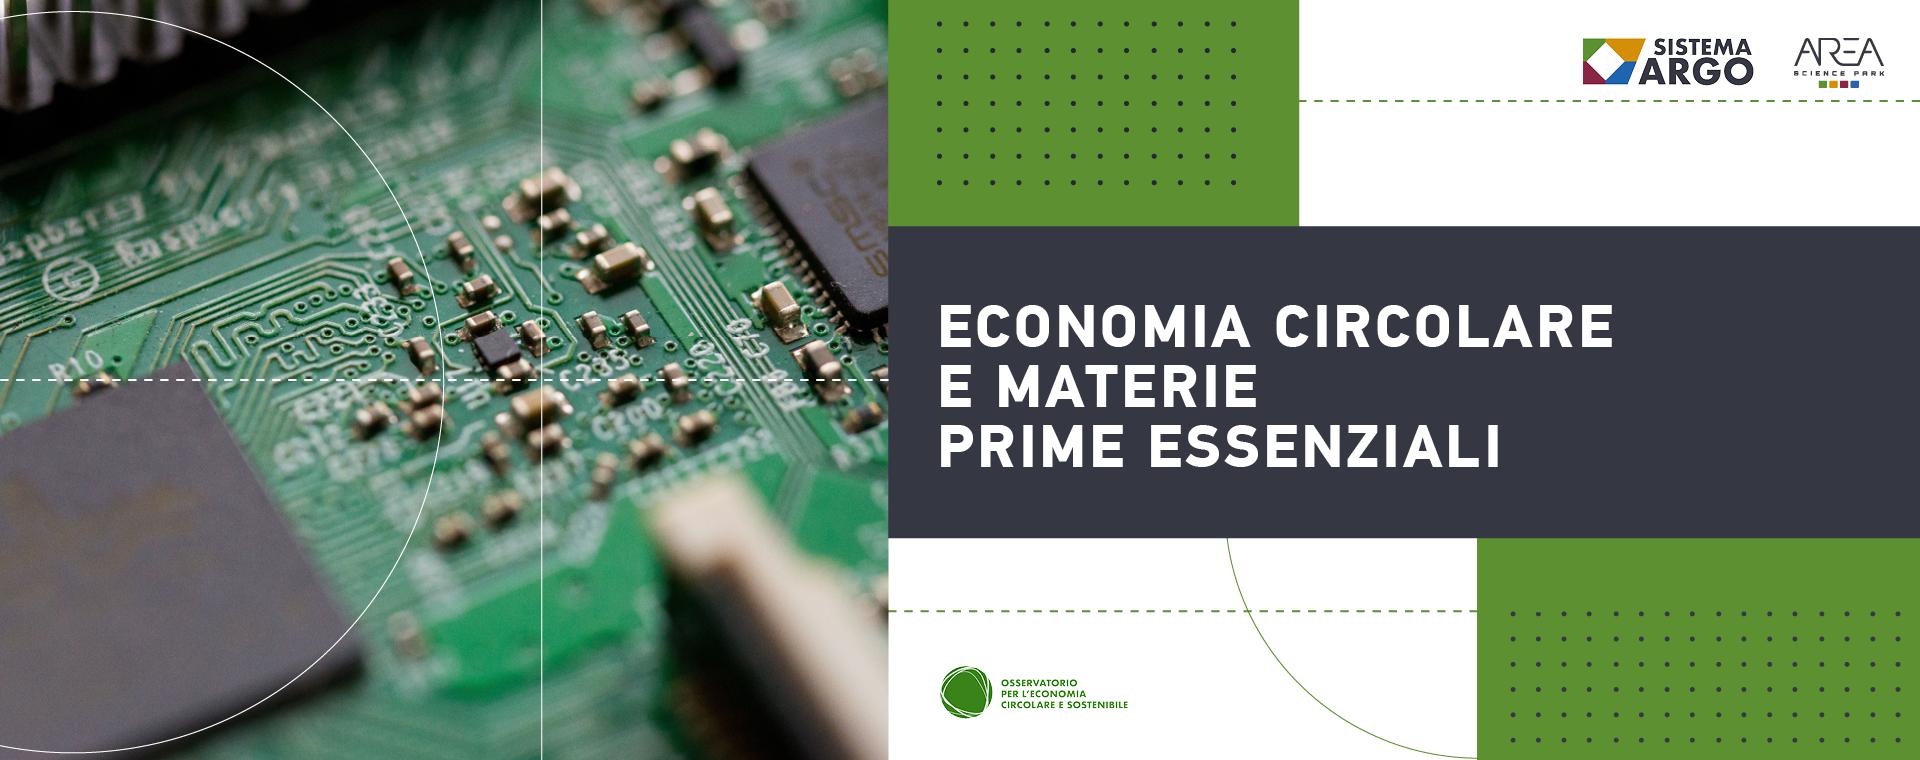 Economia Circolare e Materie Prime Essenziali